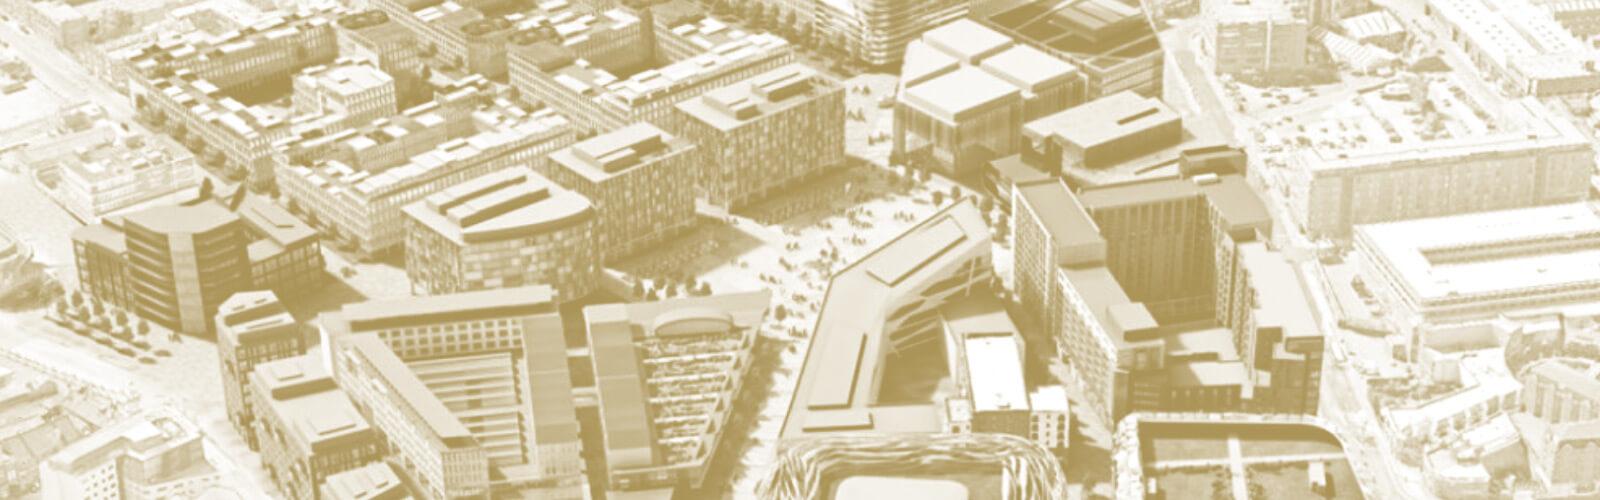 Birmingham Smithfield